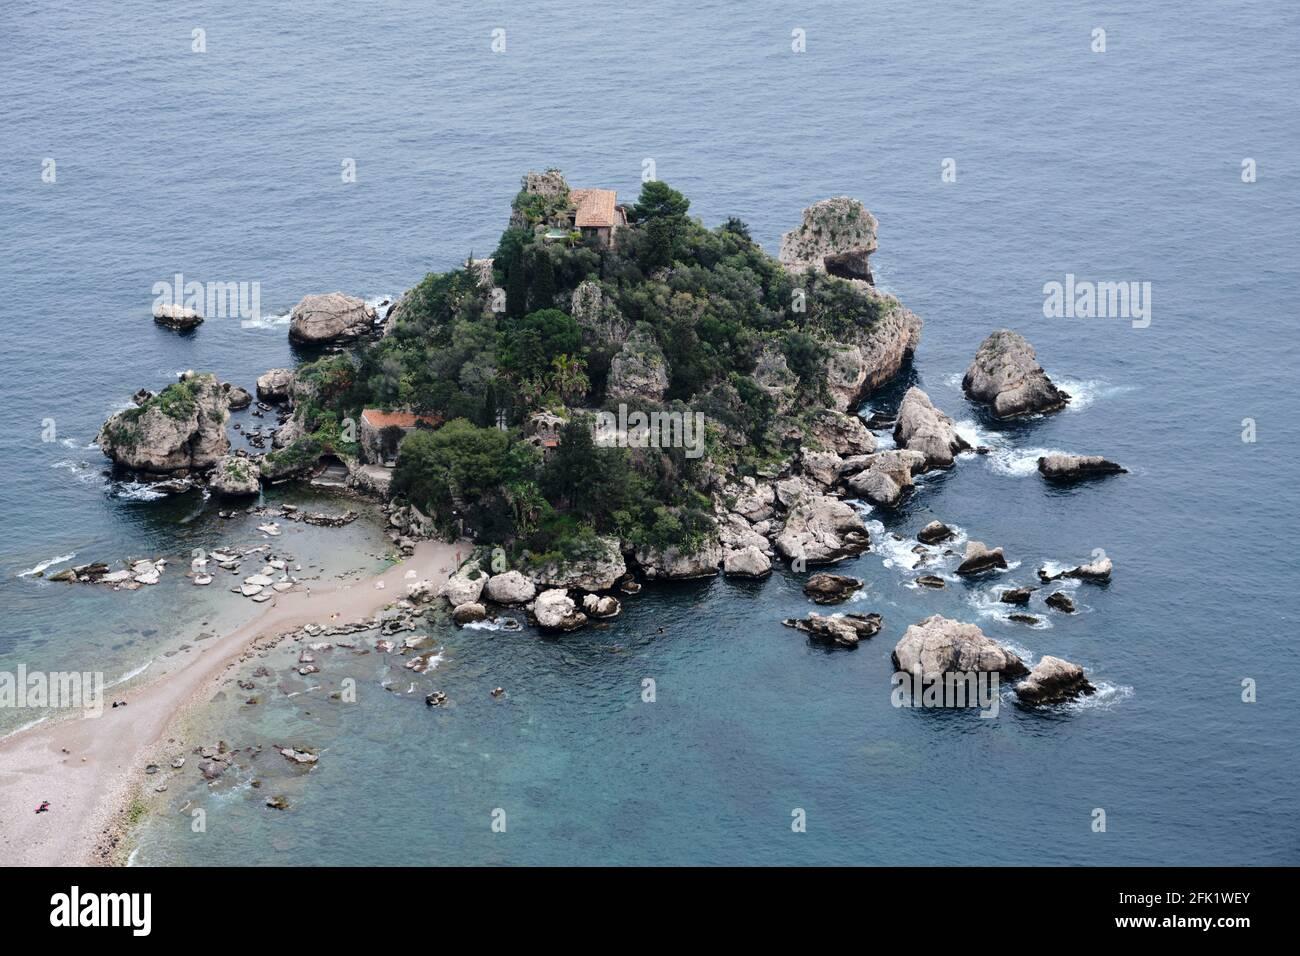 Isla Isola Bella cerca de Taormina en Sicilia, Italia. Conocida como la Perla del Mar Jónico. Foto de stock